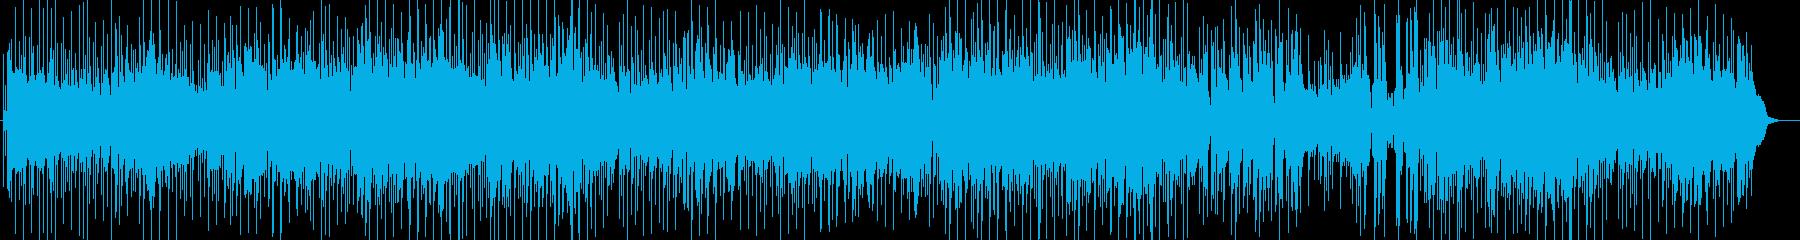 テイラースウィフト系の爽やかなカントリーの再生済みの波形